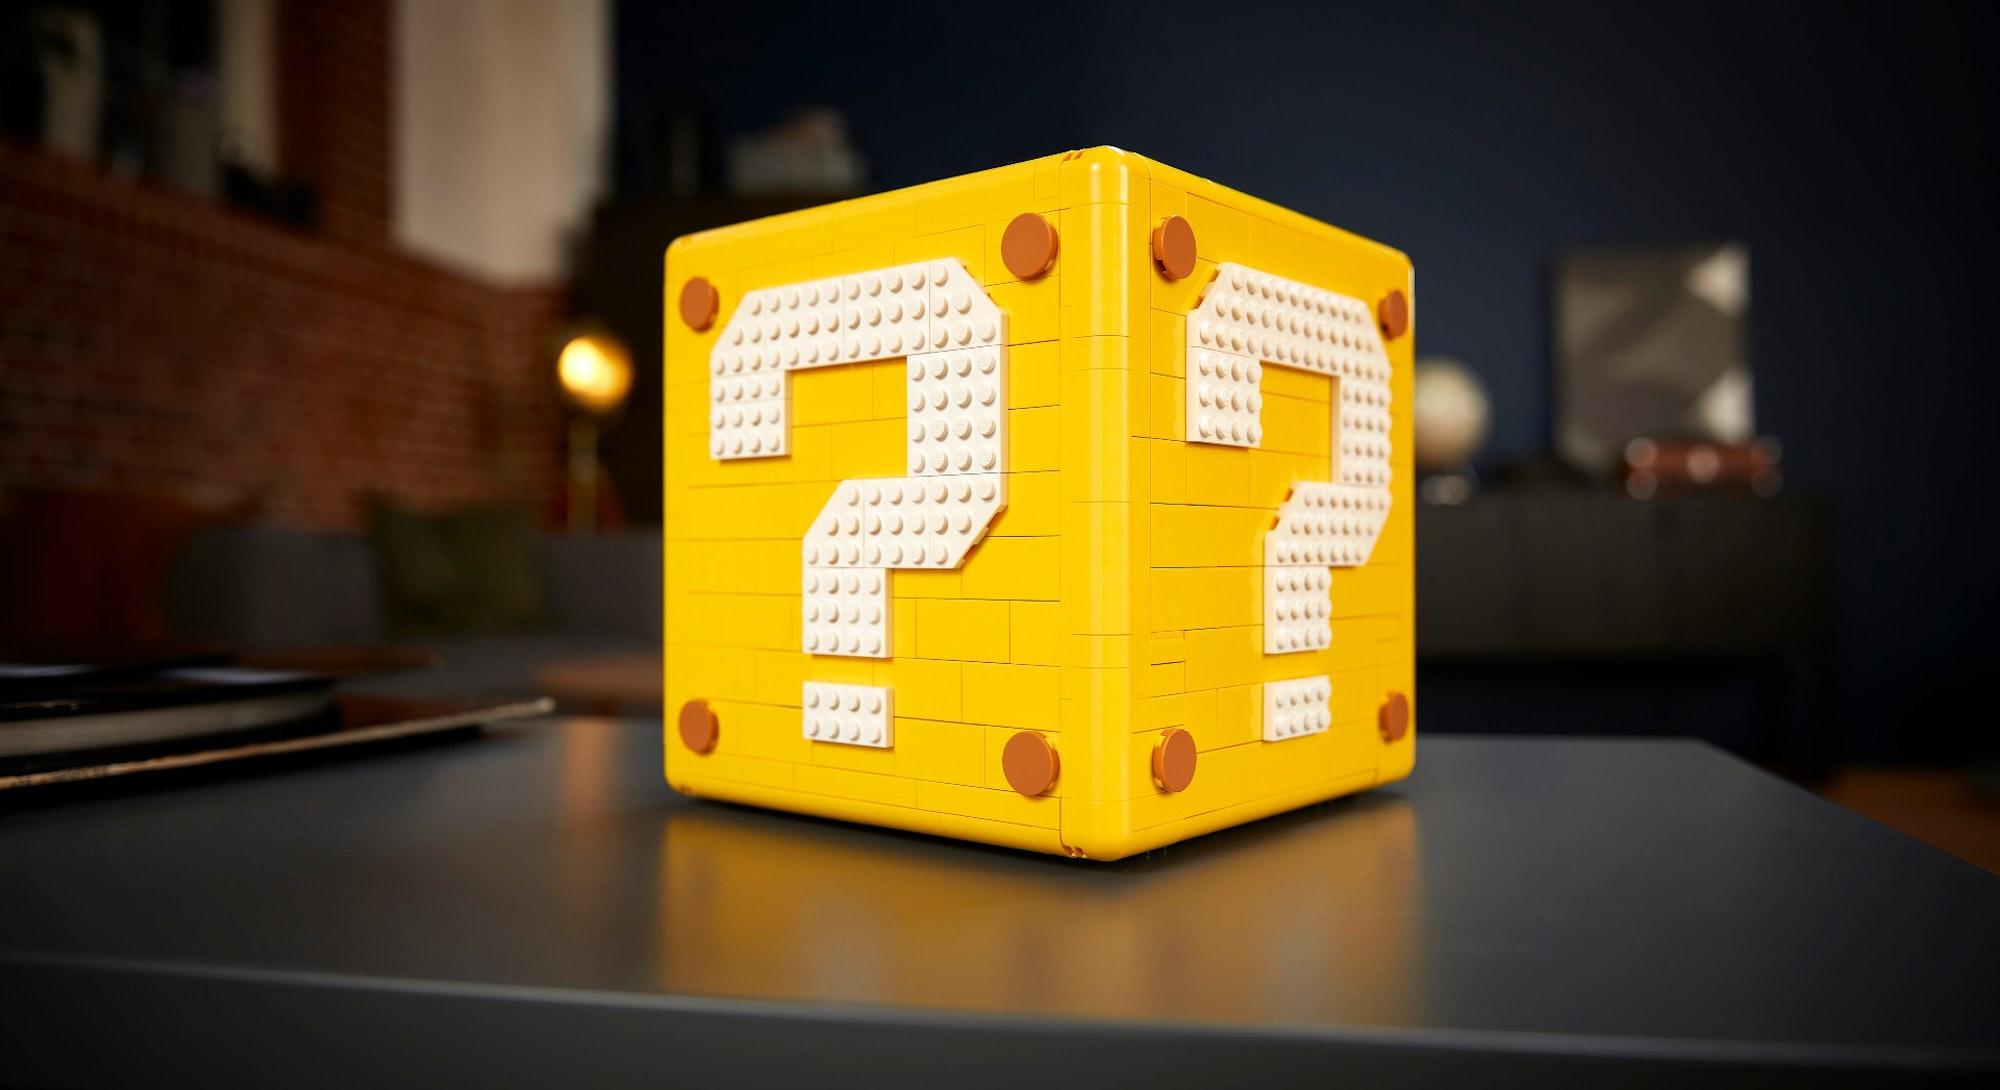 Super Mario 64 question block Lego set